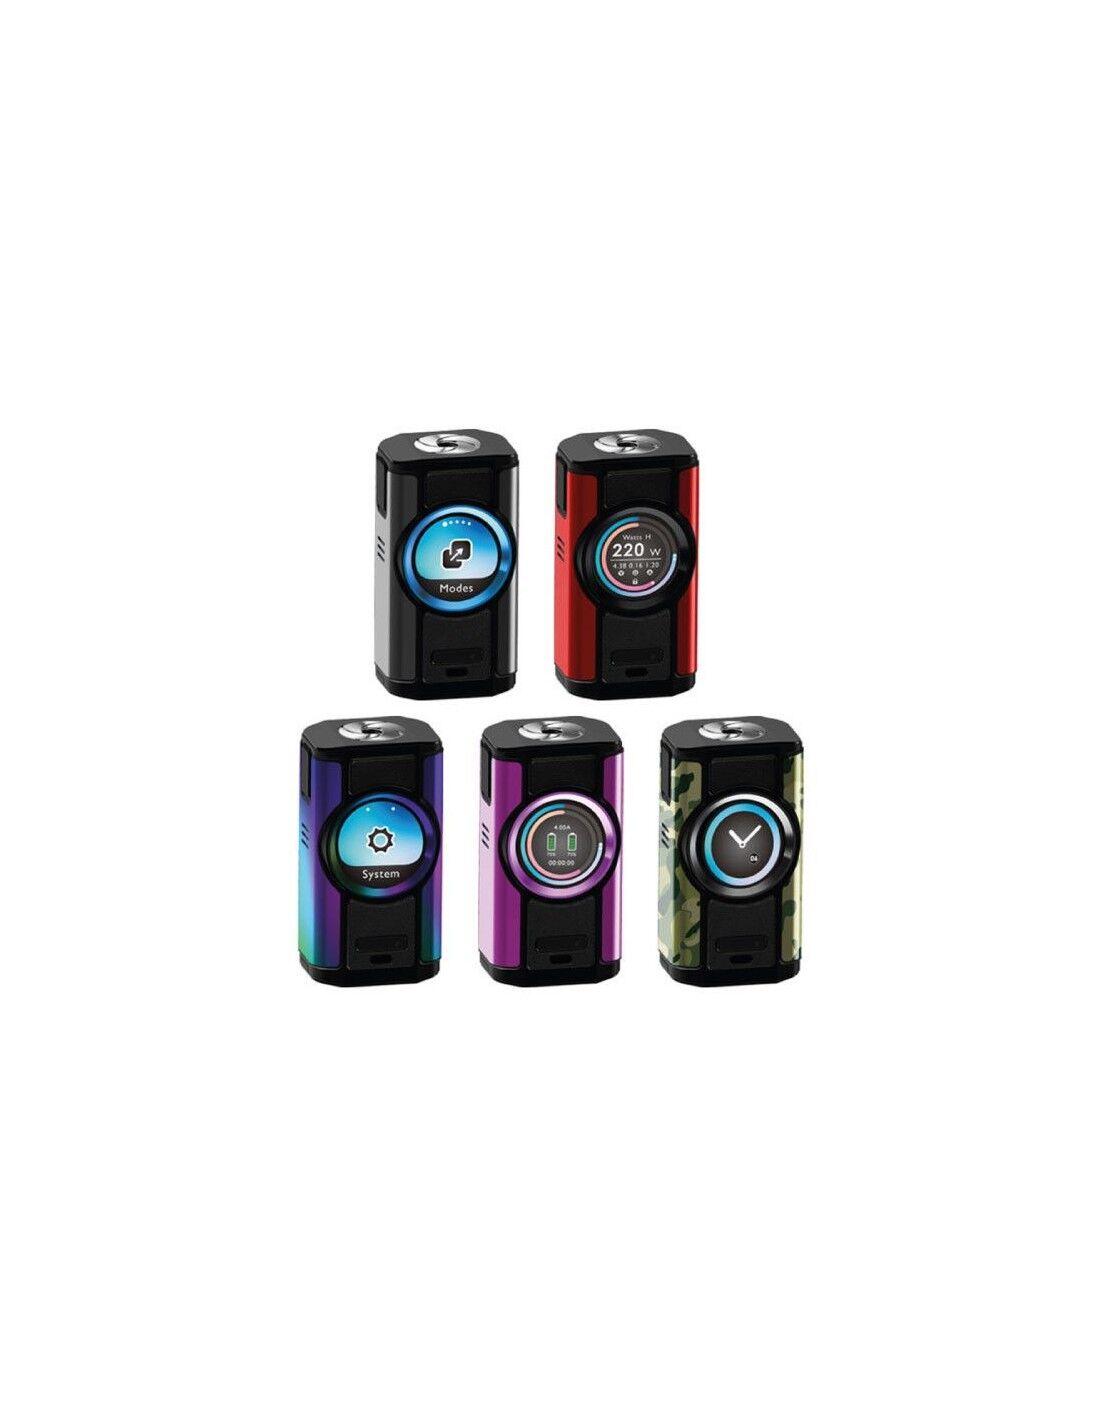 Aspire Dynamo Batteria Mod, Sigaretta Elettronica Con Potenza Massima 220w Tc Mode